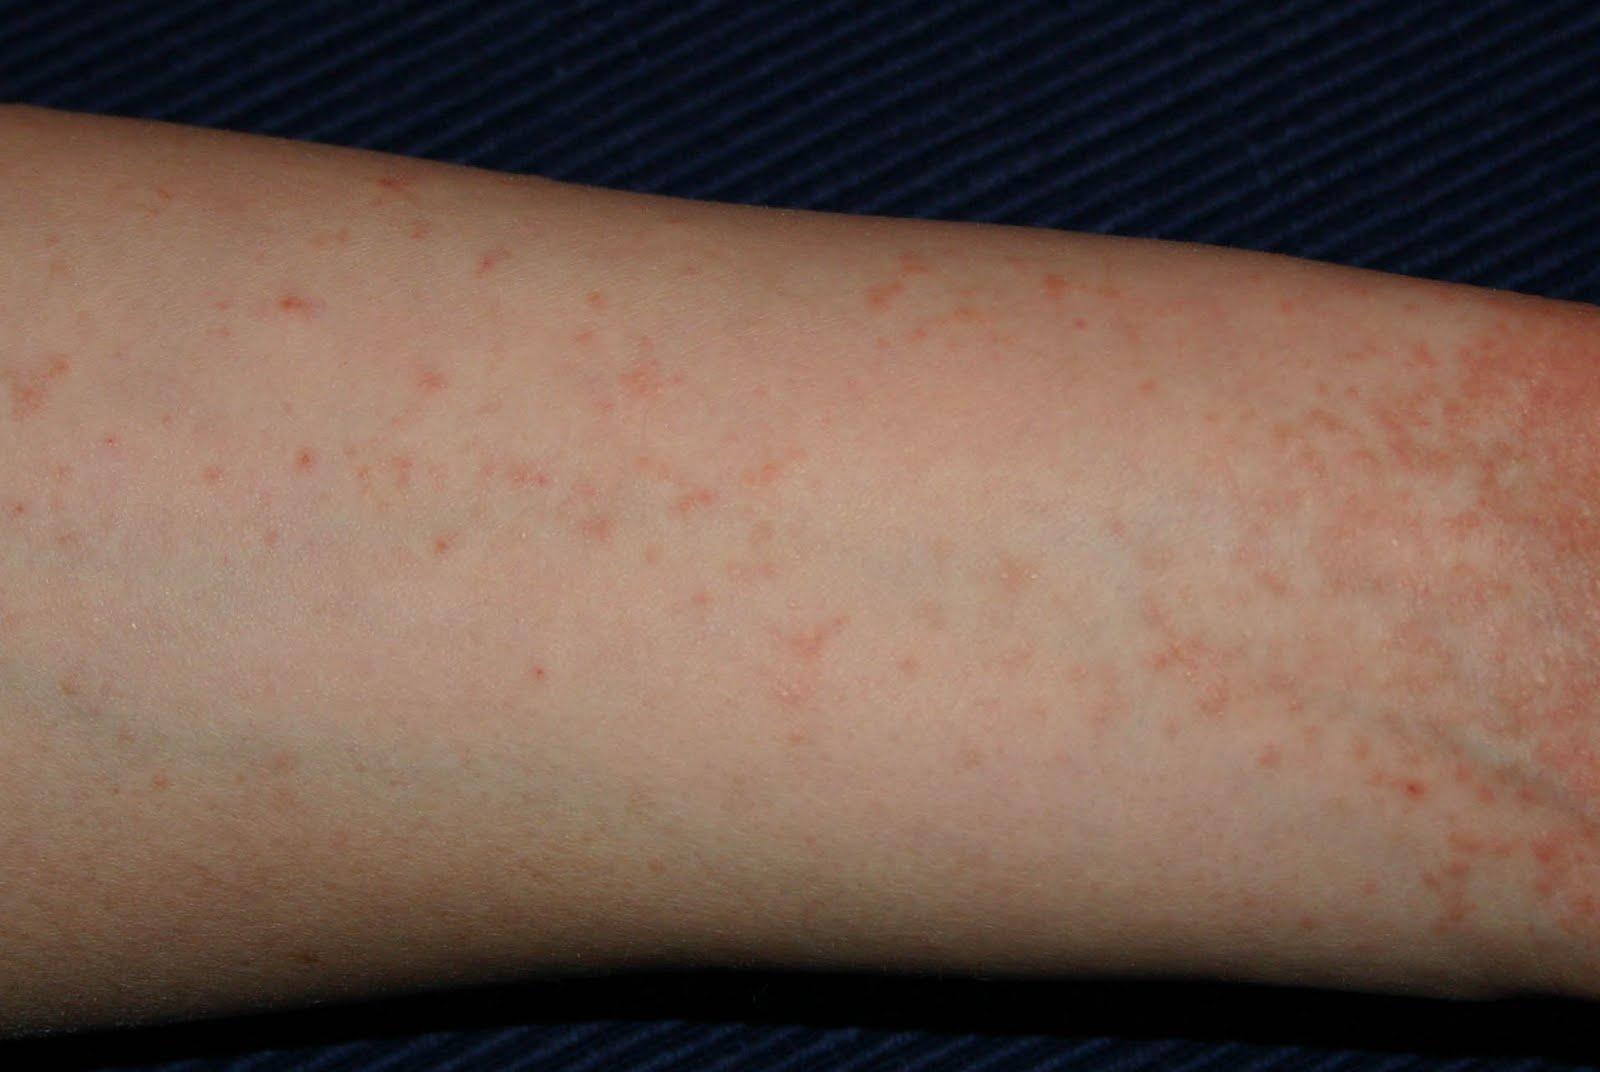 vörös foltok a lábakon jönnek-mennek a pikkelysömör bioenergiás kezelése